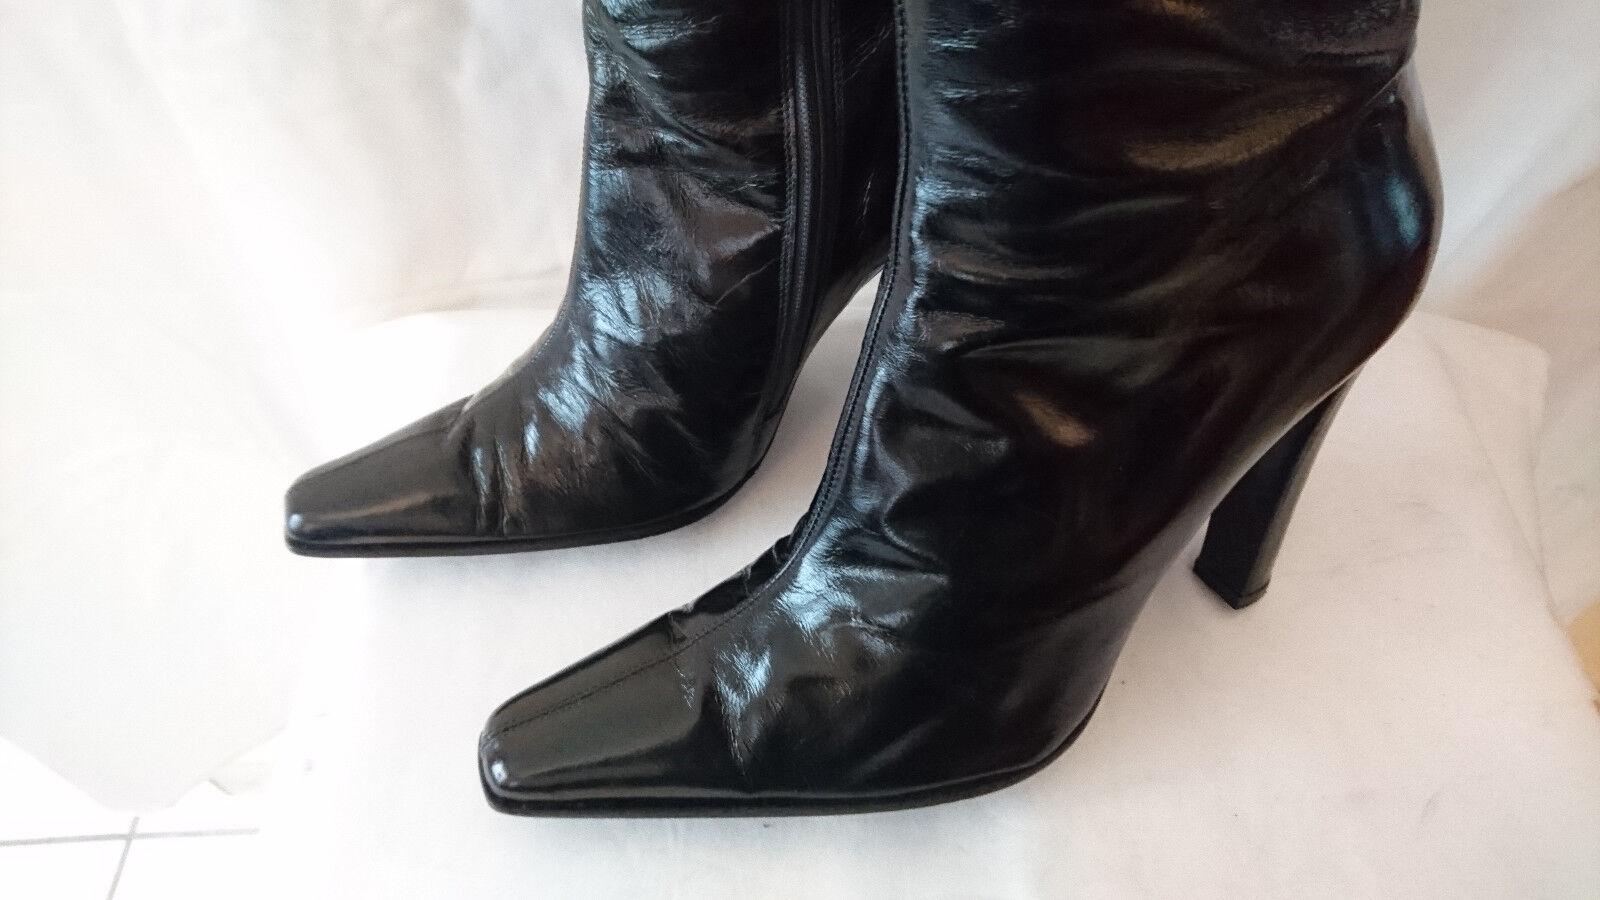 Stiefel Reißverschluss 1990